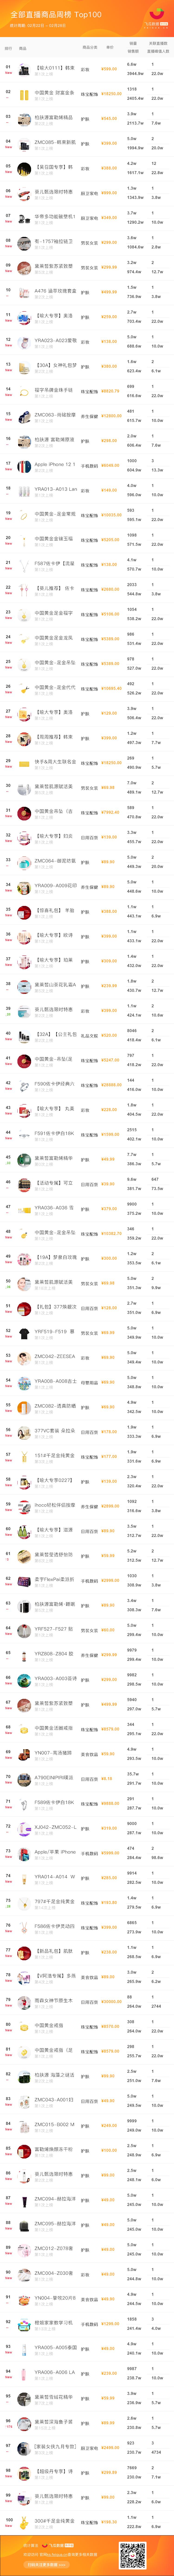 直播商品排行周榜—TOP100